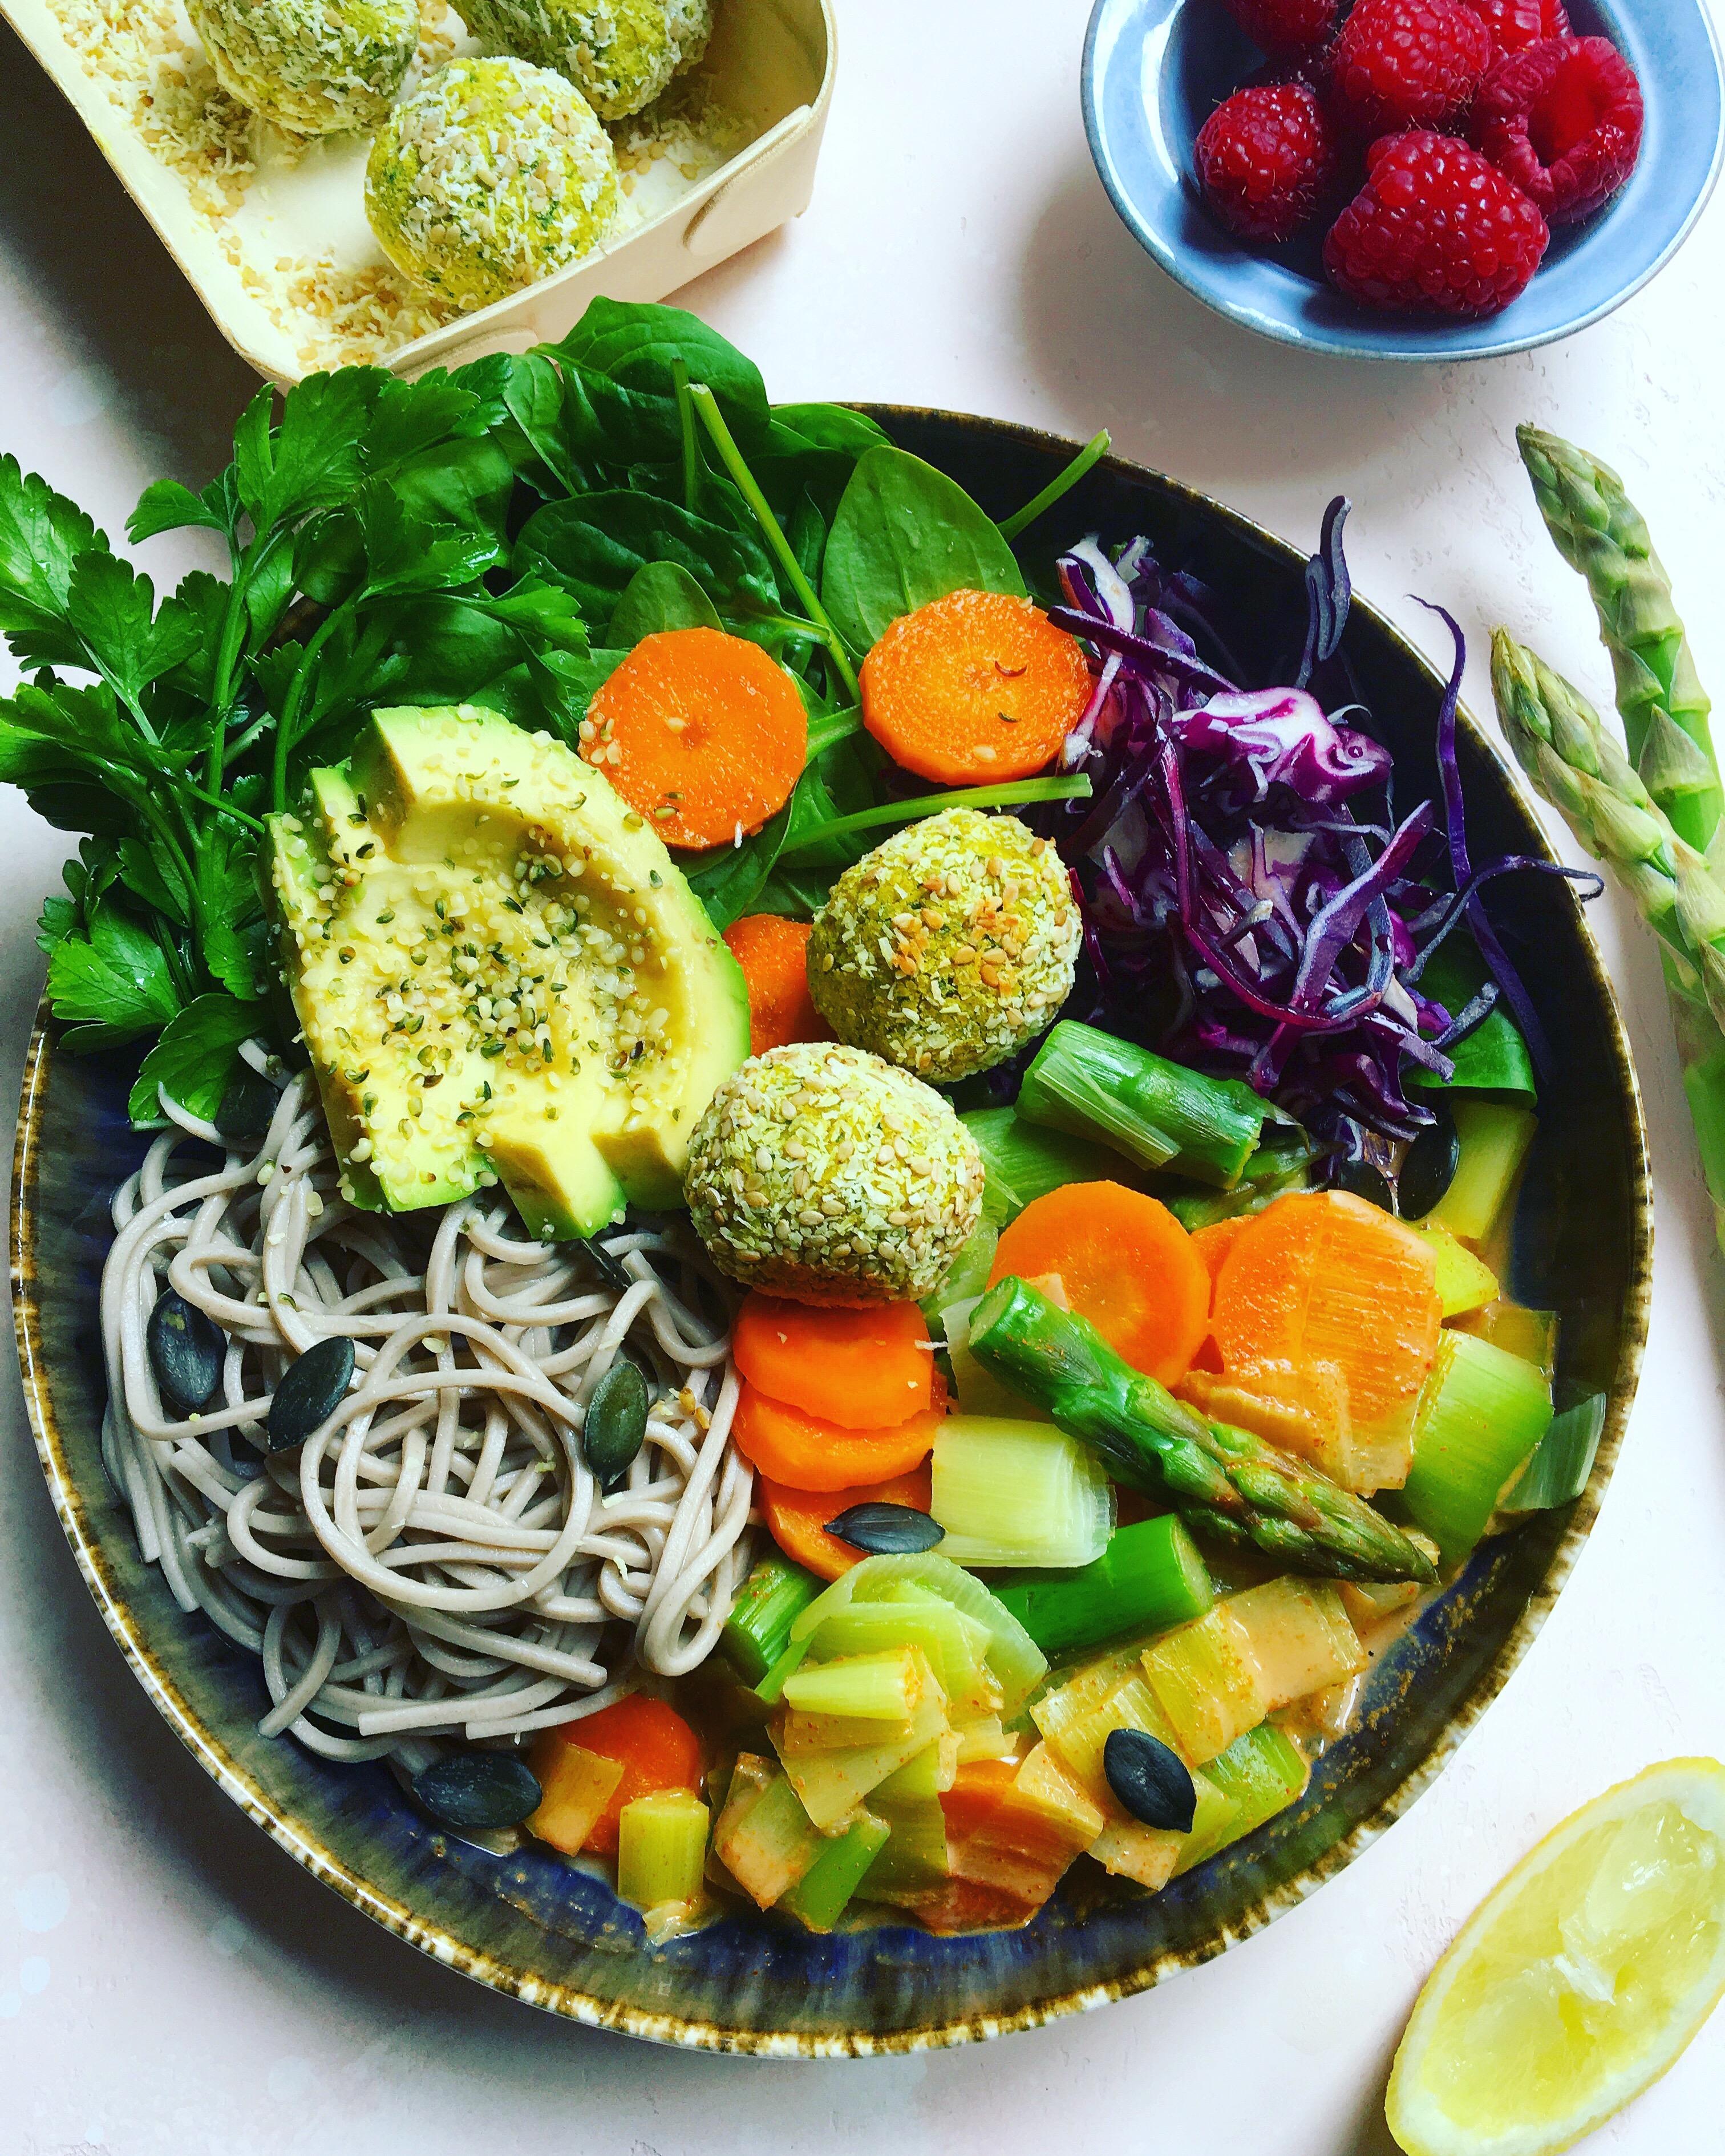 L'Atelier V Salade gourmande falafel, houmous, avocado, nouilles soba, asperges